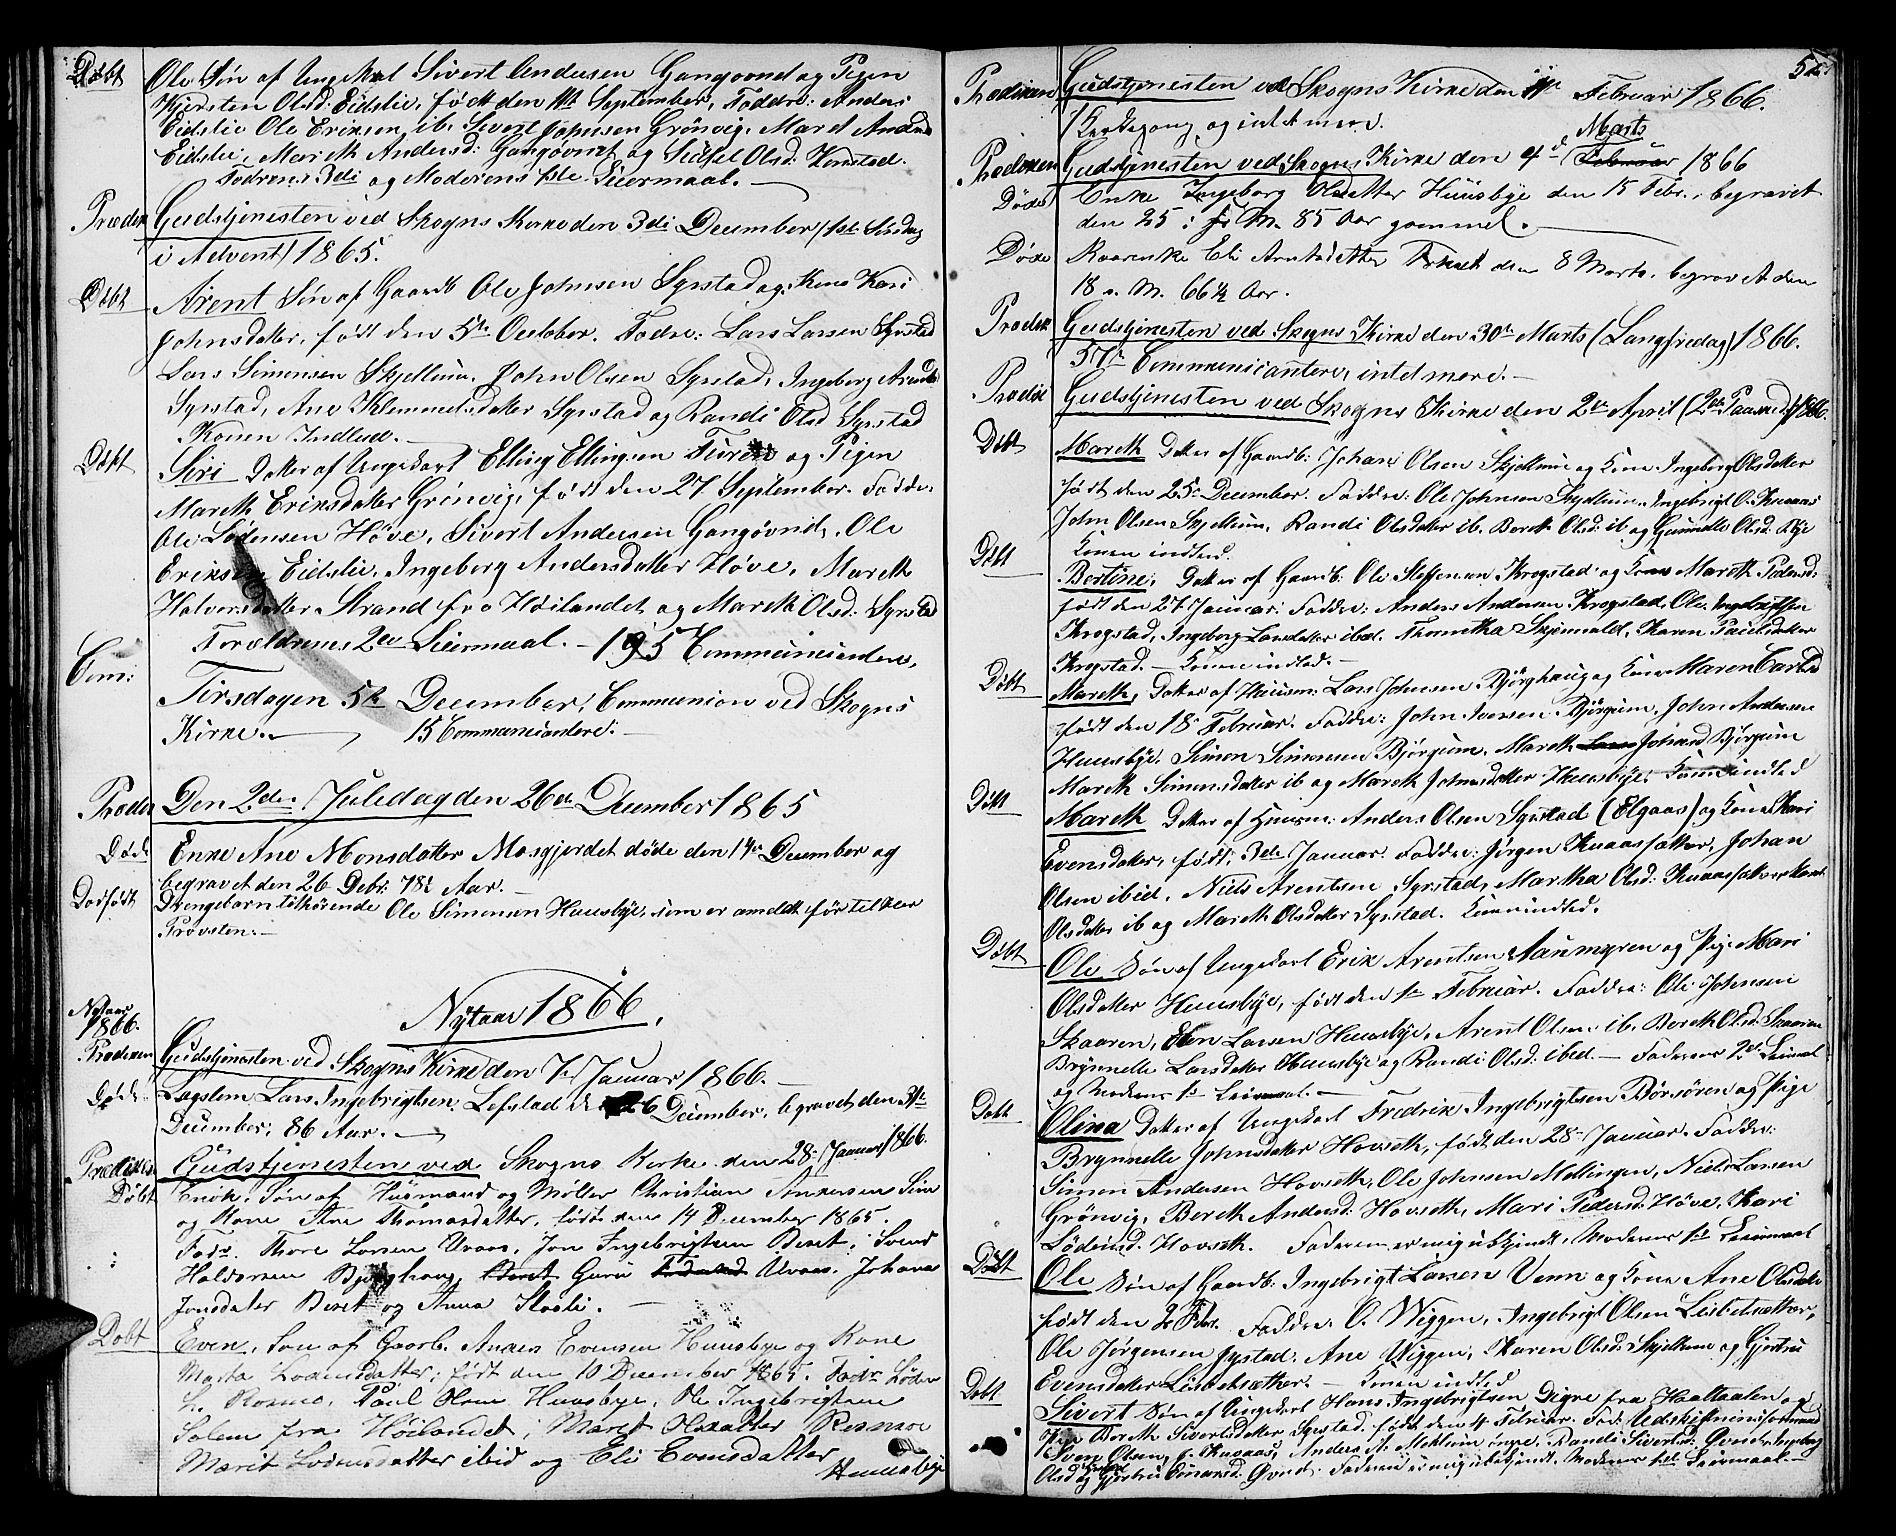 SAT, Ministerialprotokoller, klokkerbøker og fødselsregistre - Sør-Trøndelag, 667/L0797: Klokkerbok nr. 667C02, 1849-1867, s. 52